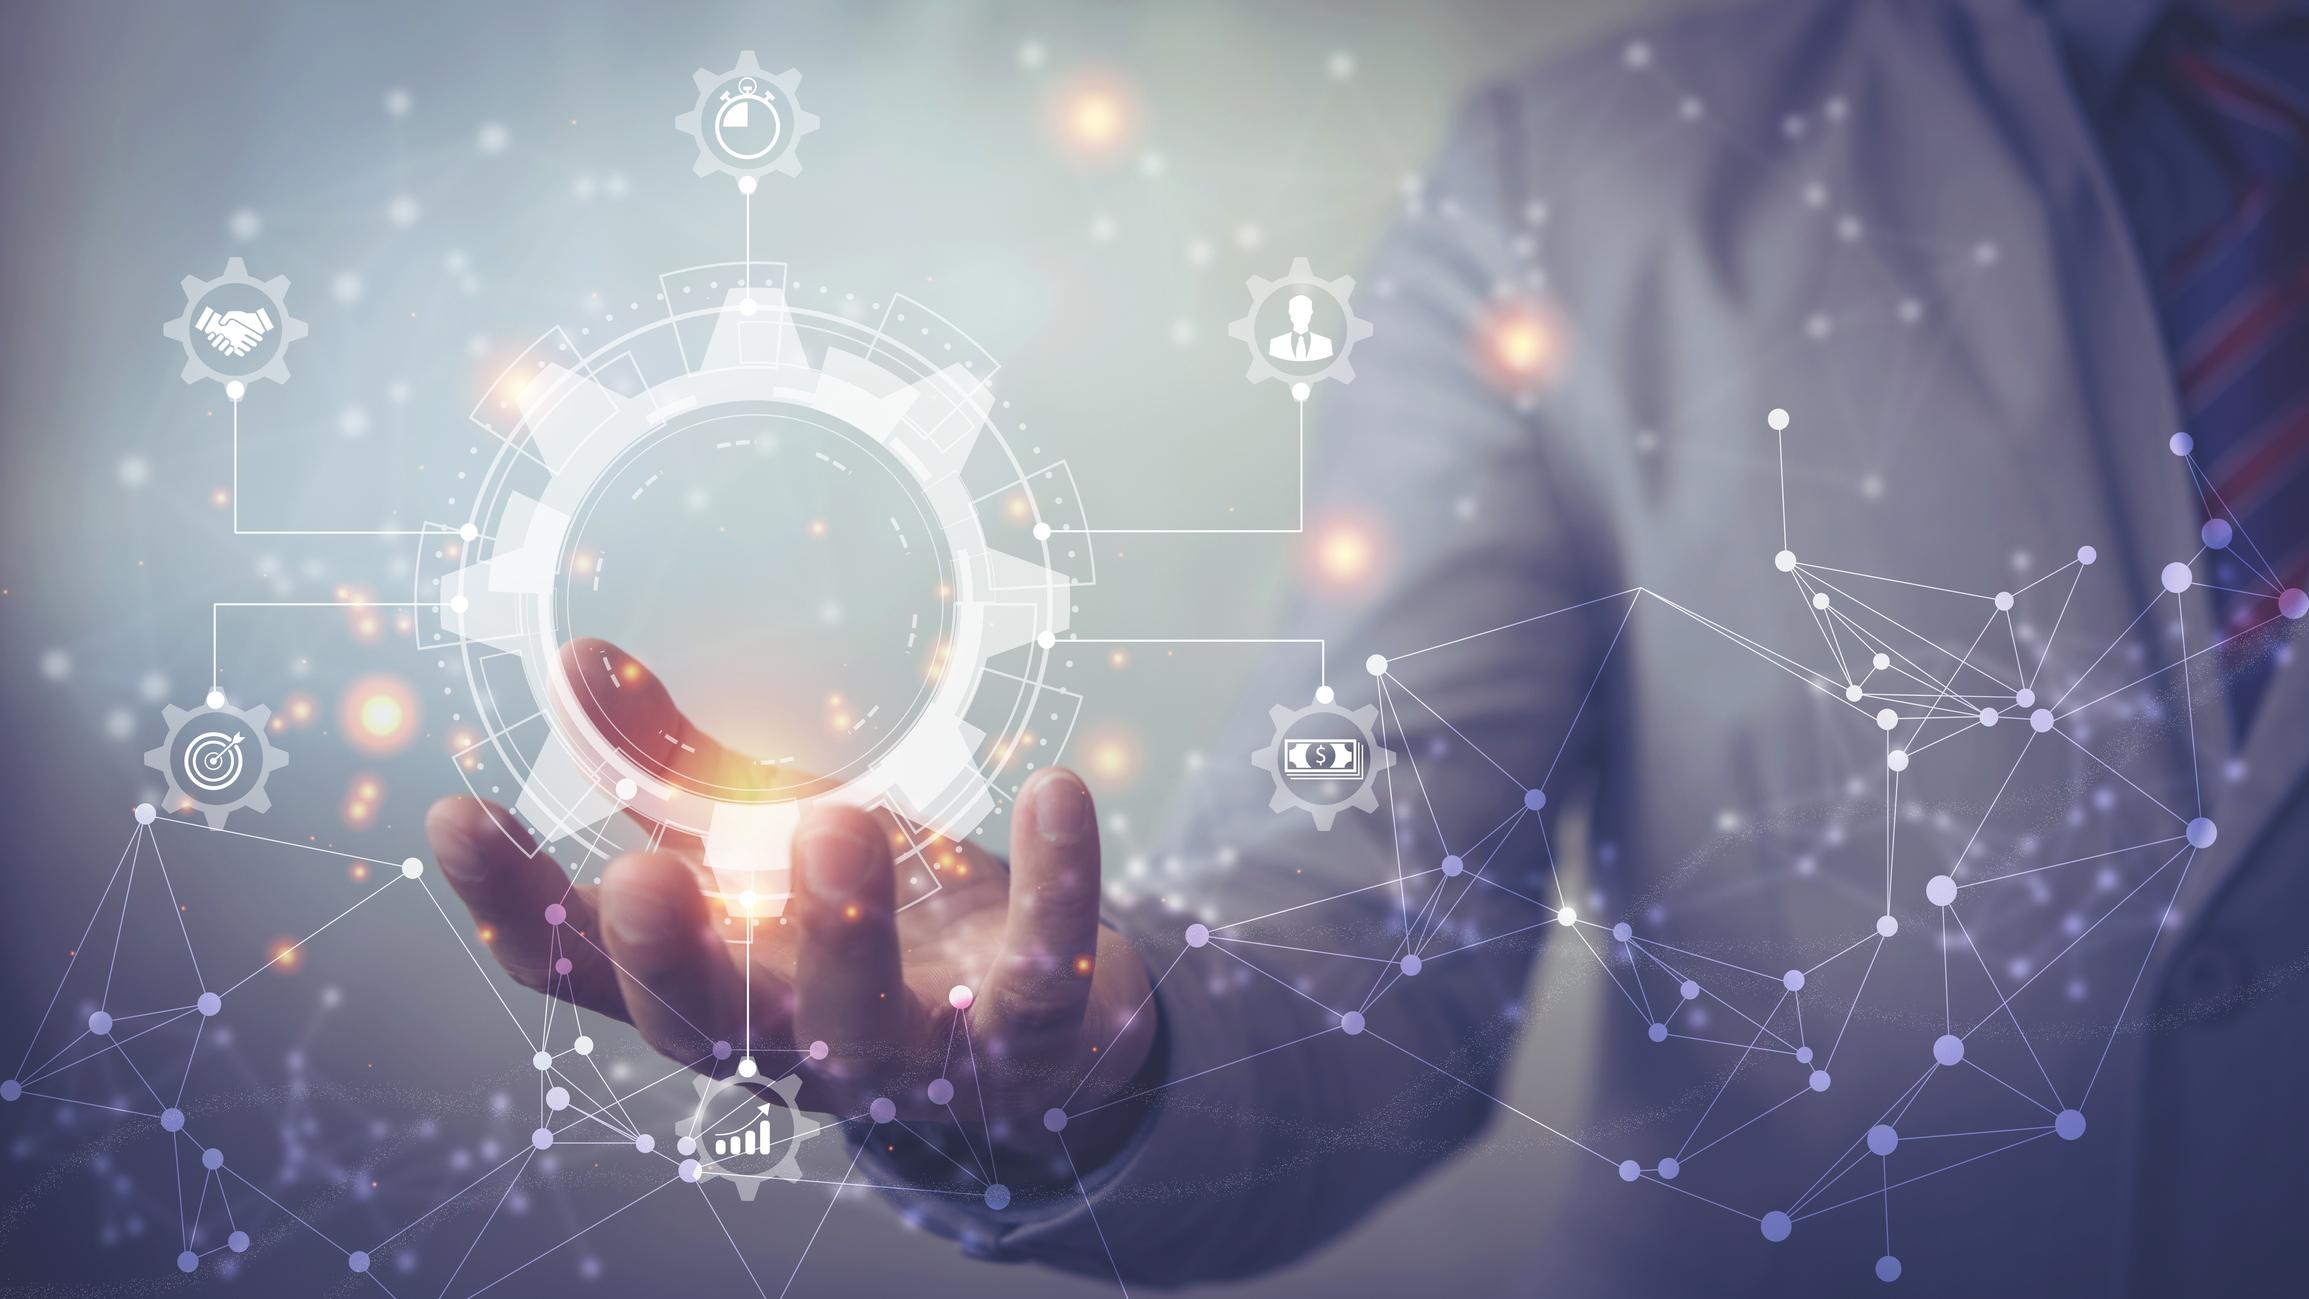 Manager toccando l'interfaccia di gestione dei processi aziendali e diagramma di automazione del flusso di lavoro con ingranaggi e icone con rete di connessione in background